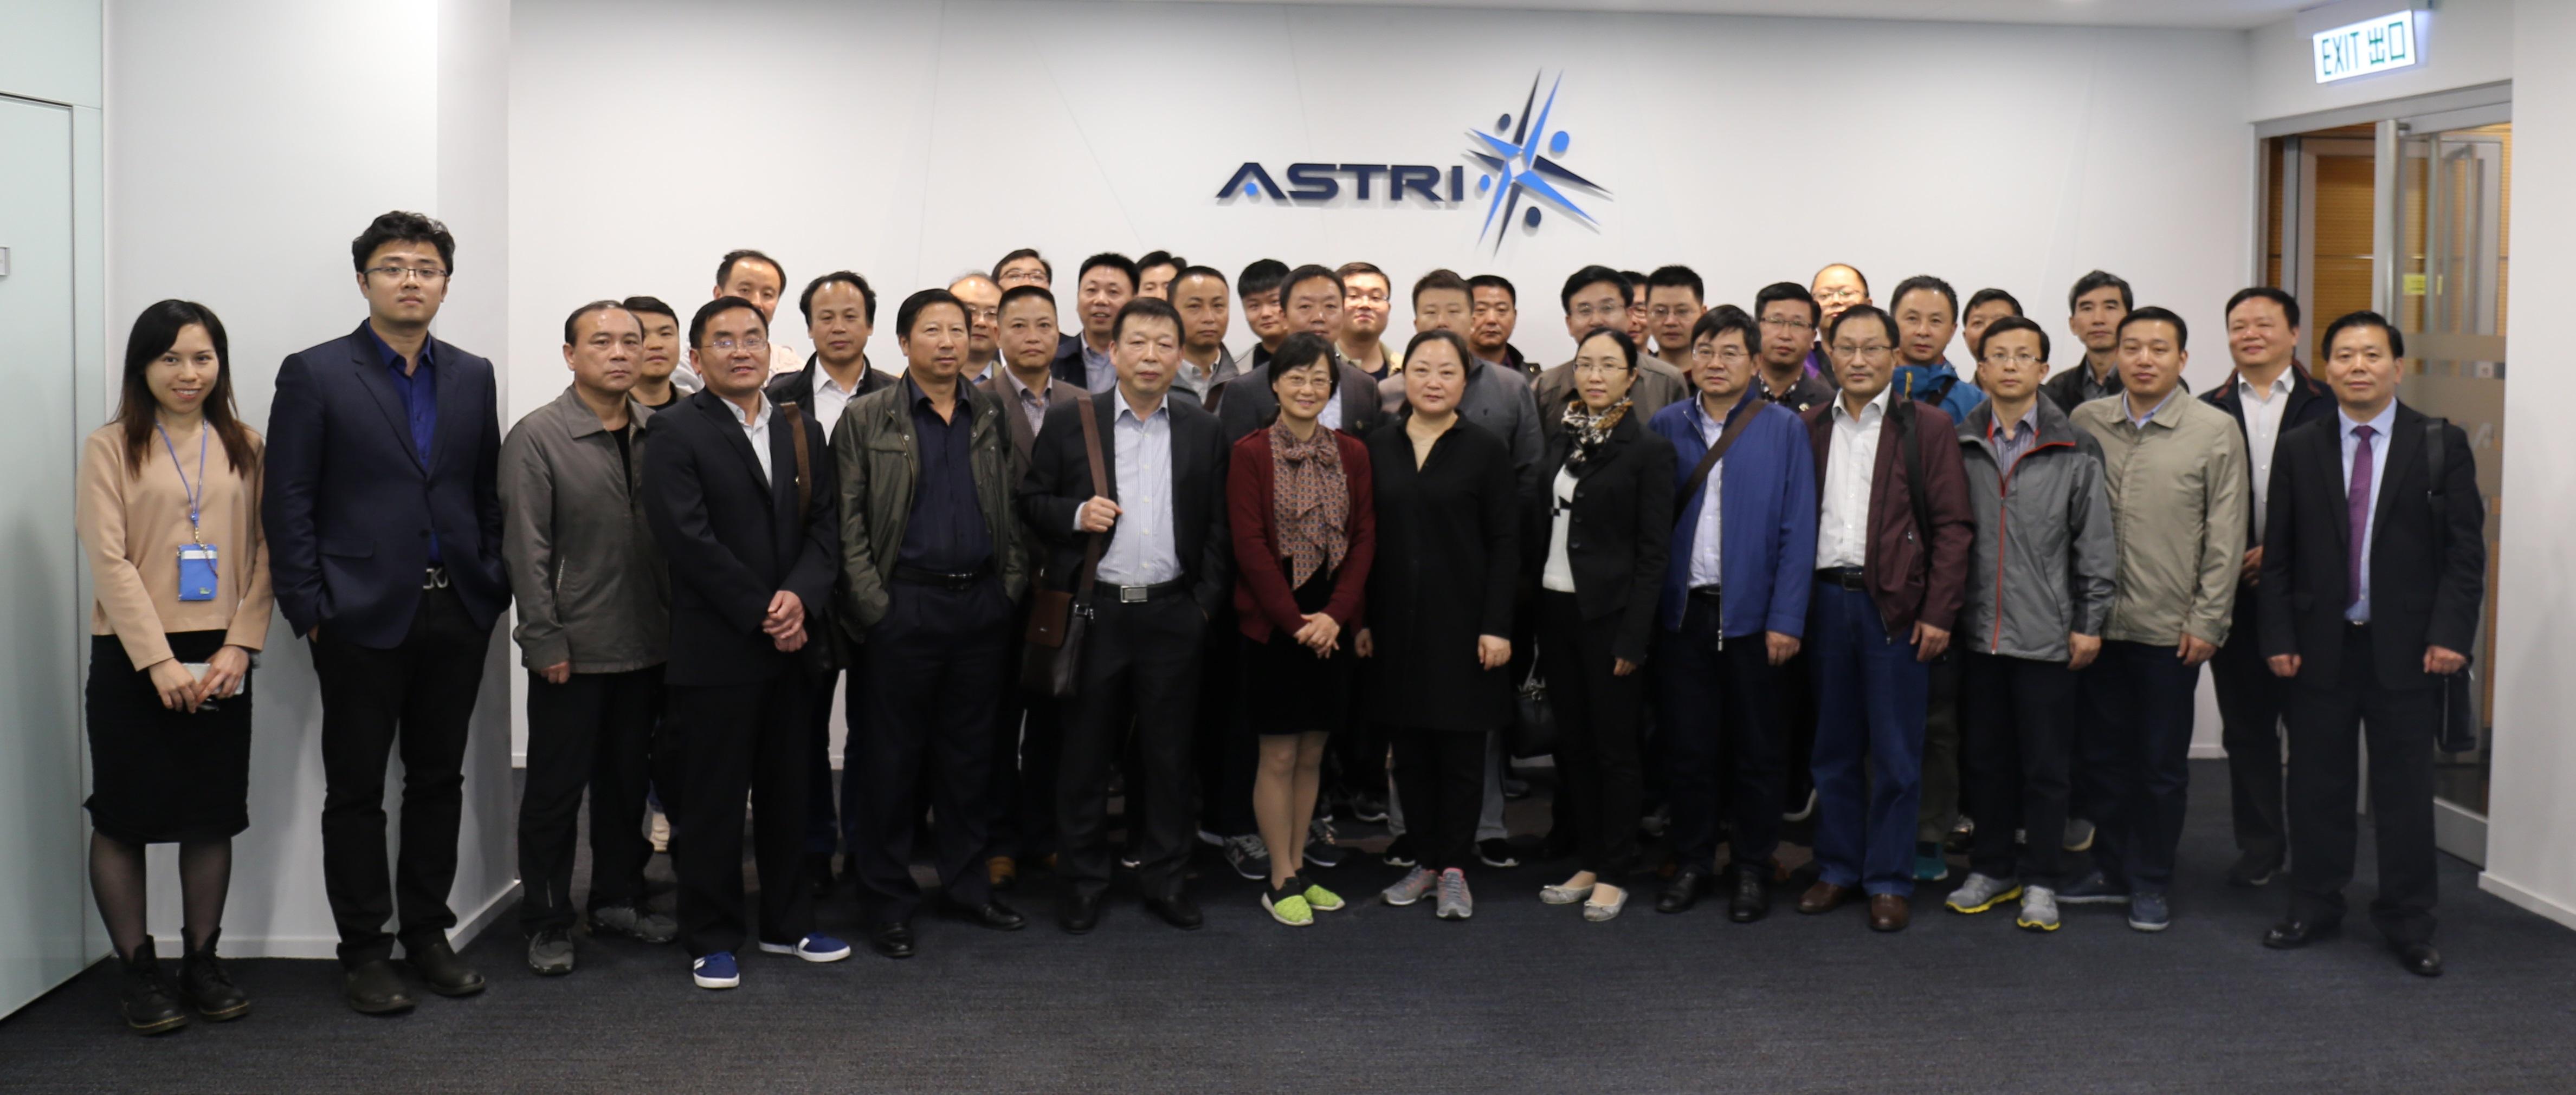 安徽省综合交通管理部代表团到访应科院